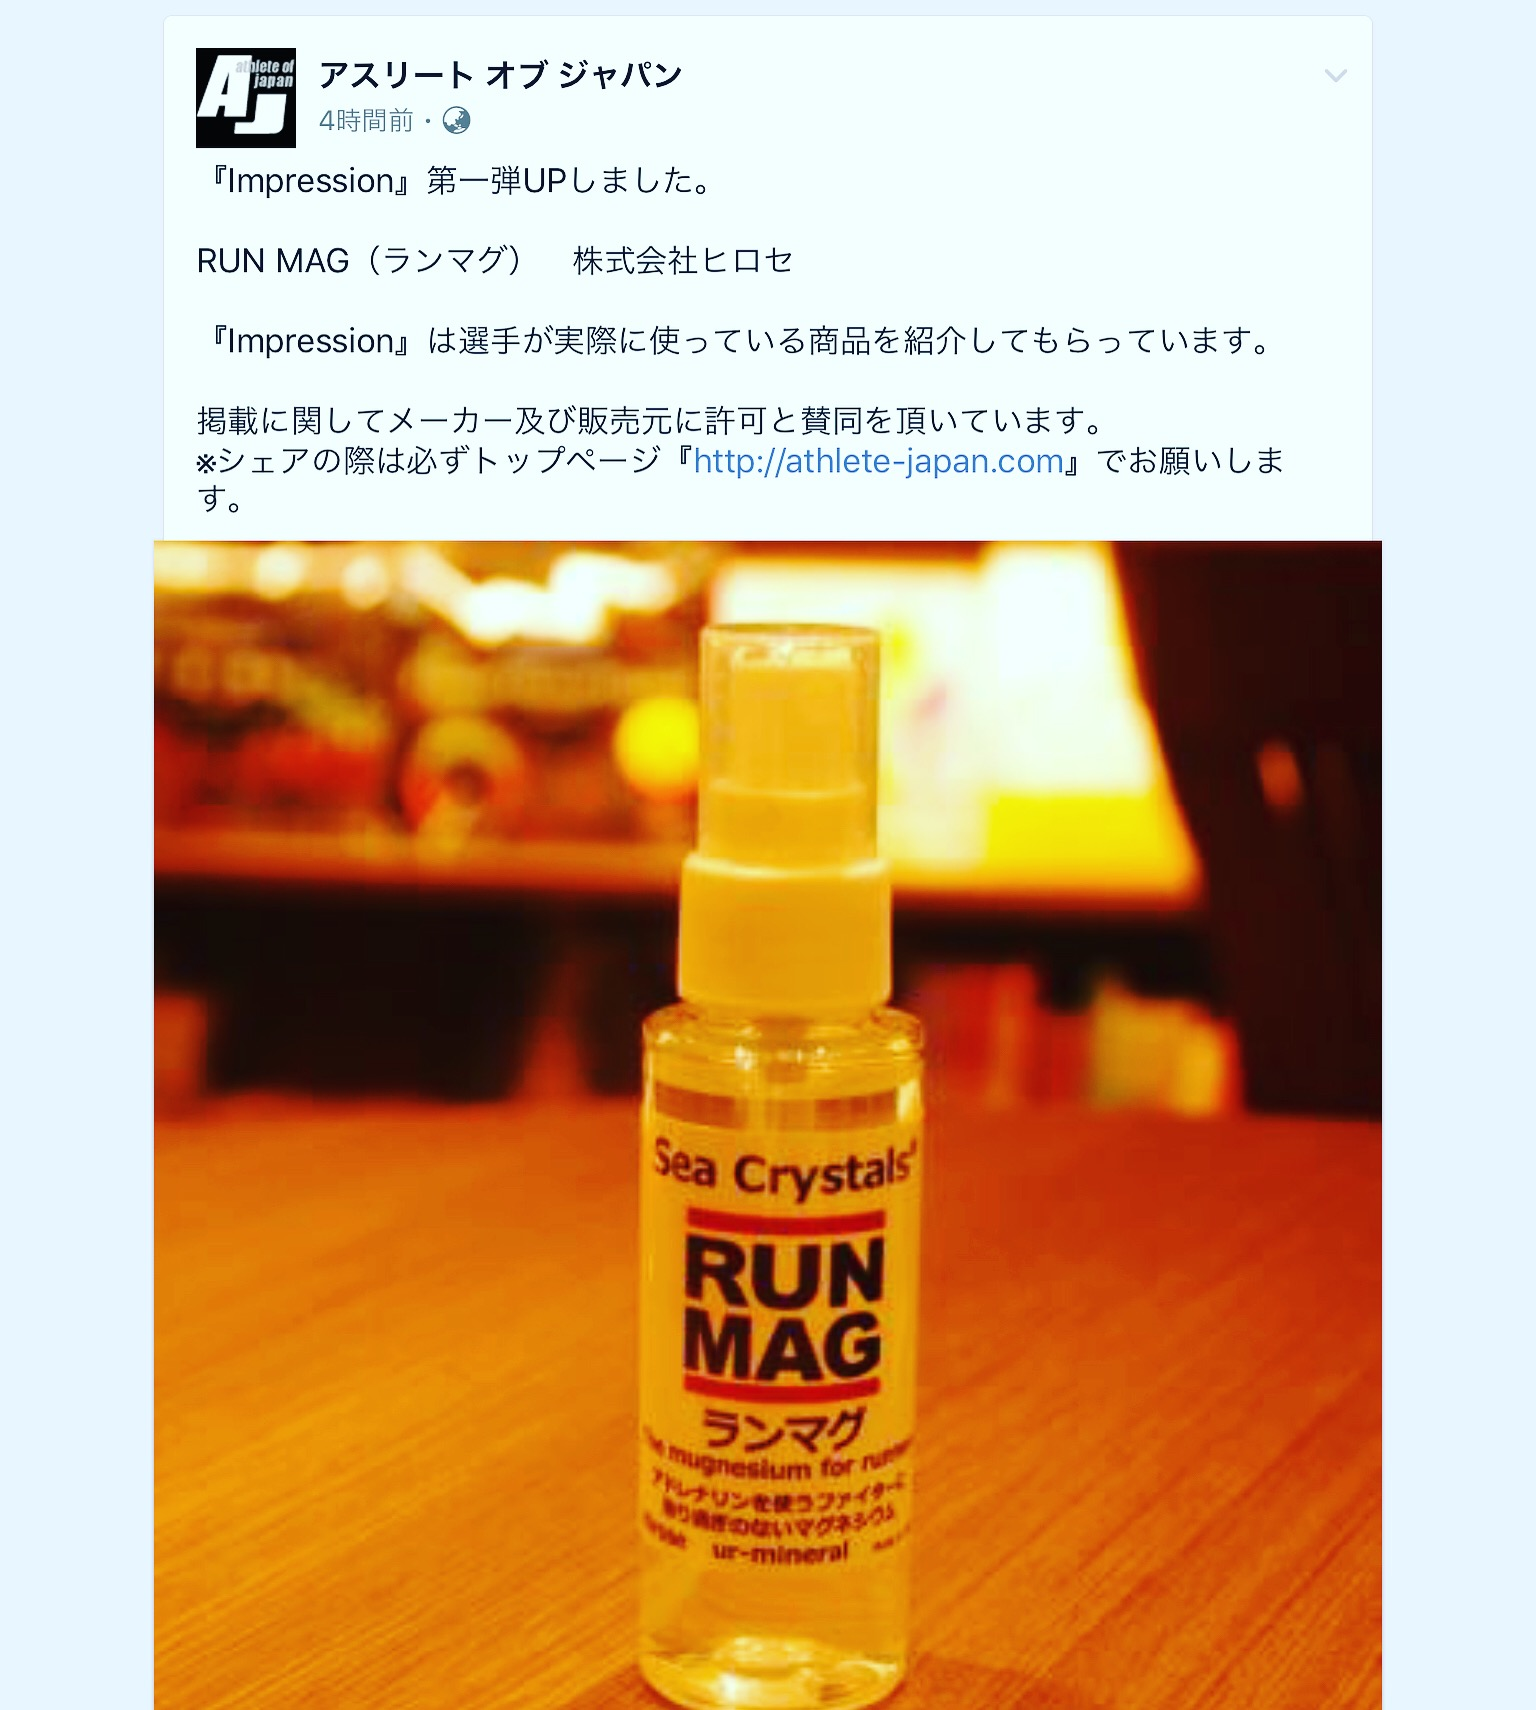 アスリートオブジャパンでRUNMAG紹介!